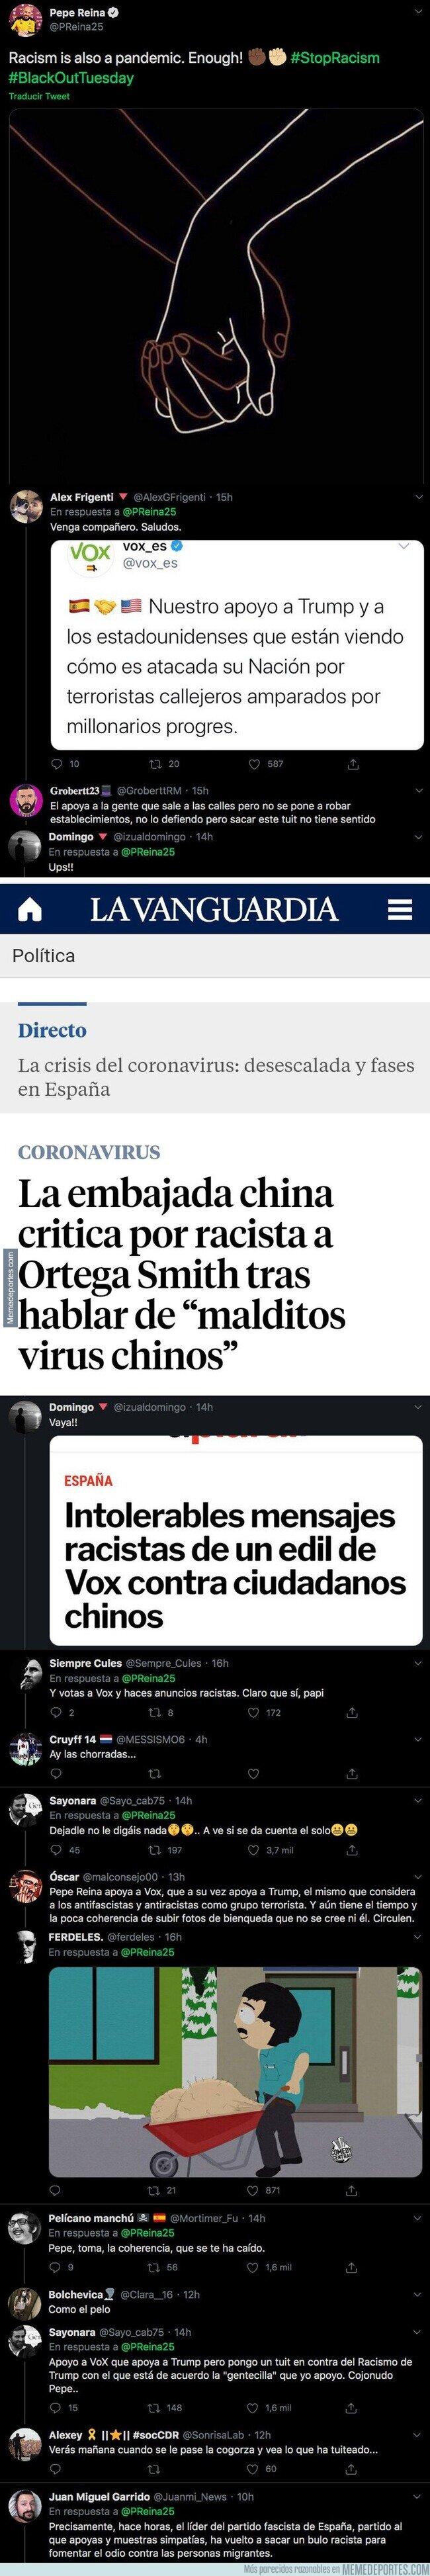 1105775 - Lío monumental: Pepe Reina publica una imagen contra el racismo y todo Twitter se le echa encima respondiendo sin piedad por su incoherencia